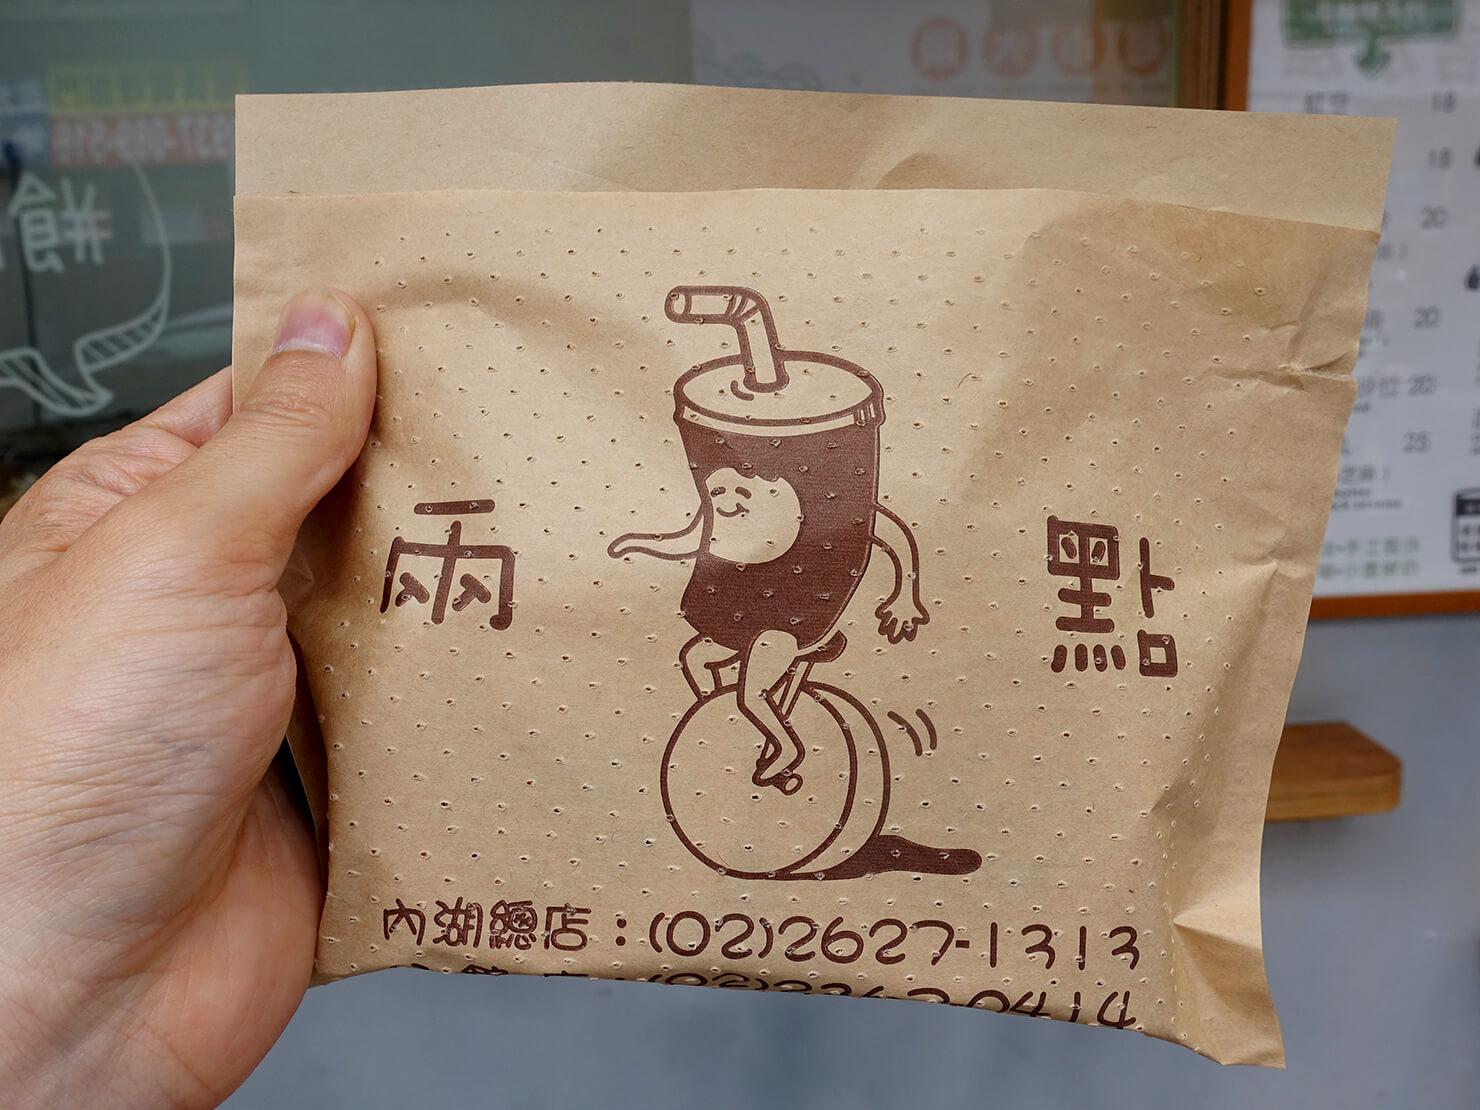 台北・公館夜市のおすすめグルメ店「兩點」の紙袋